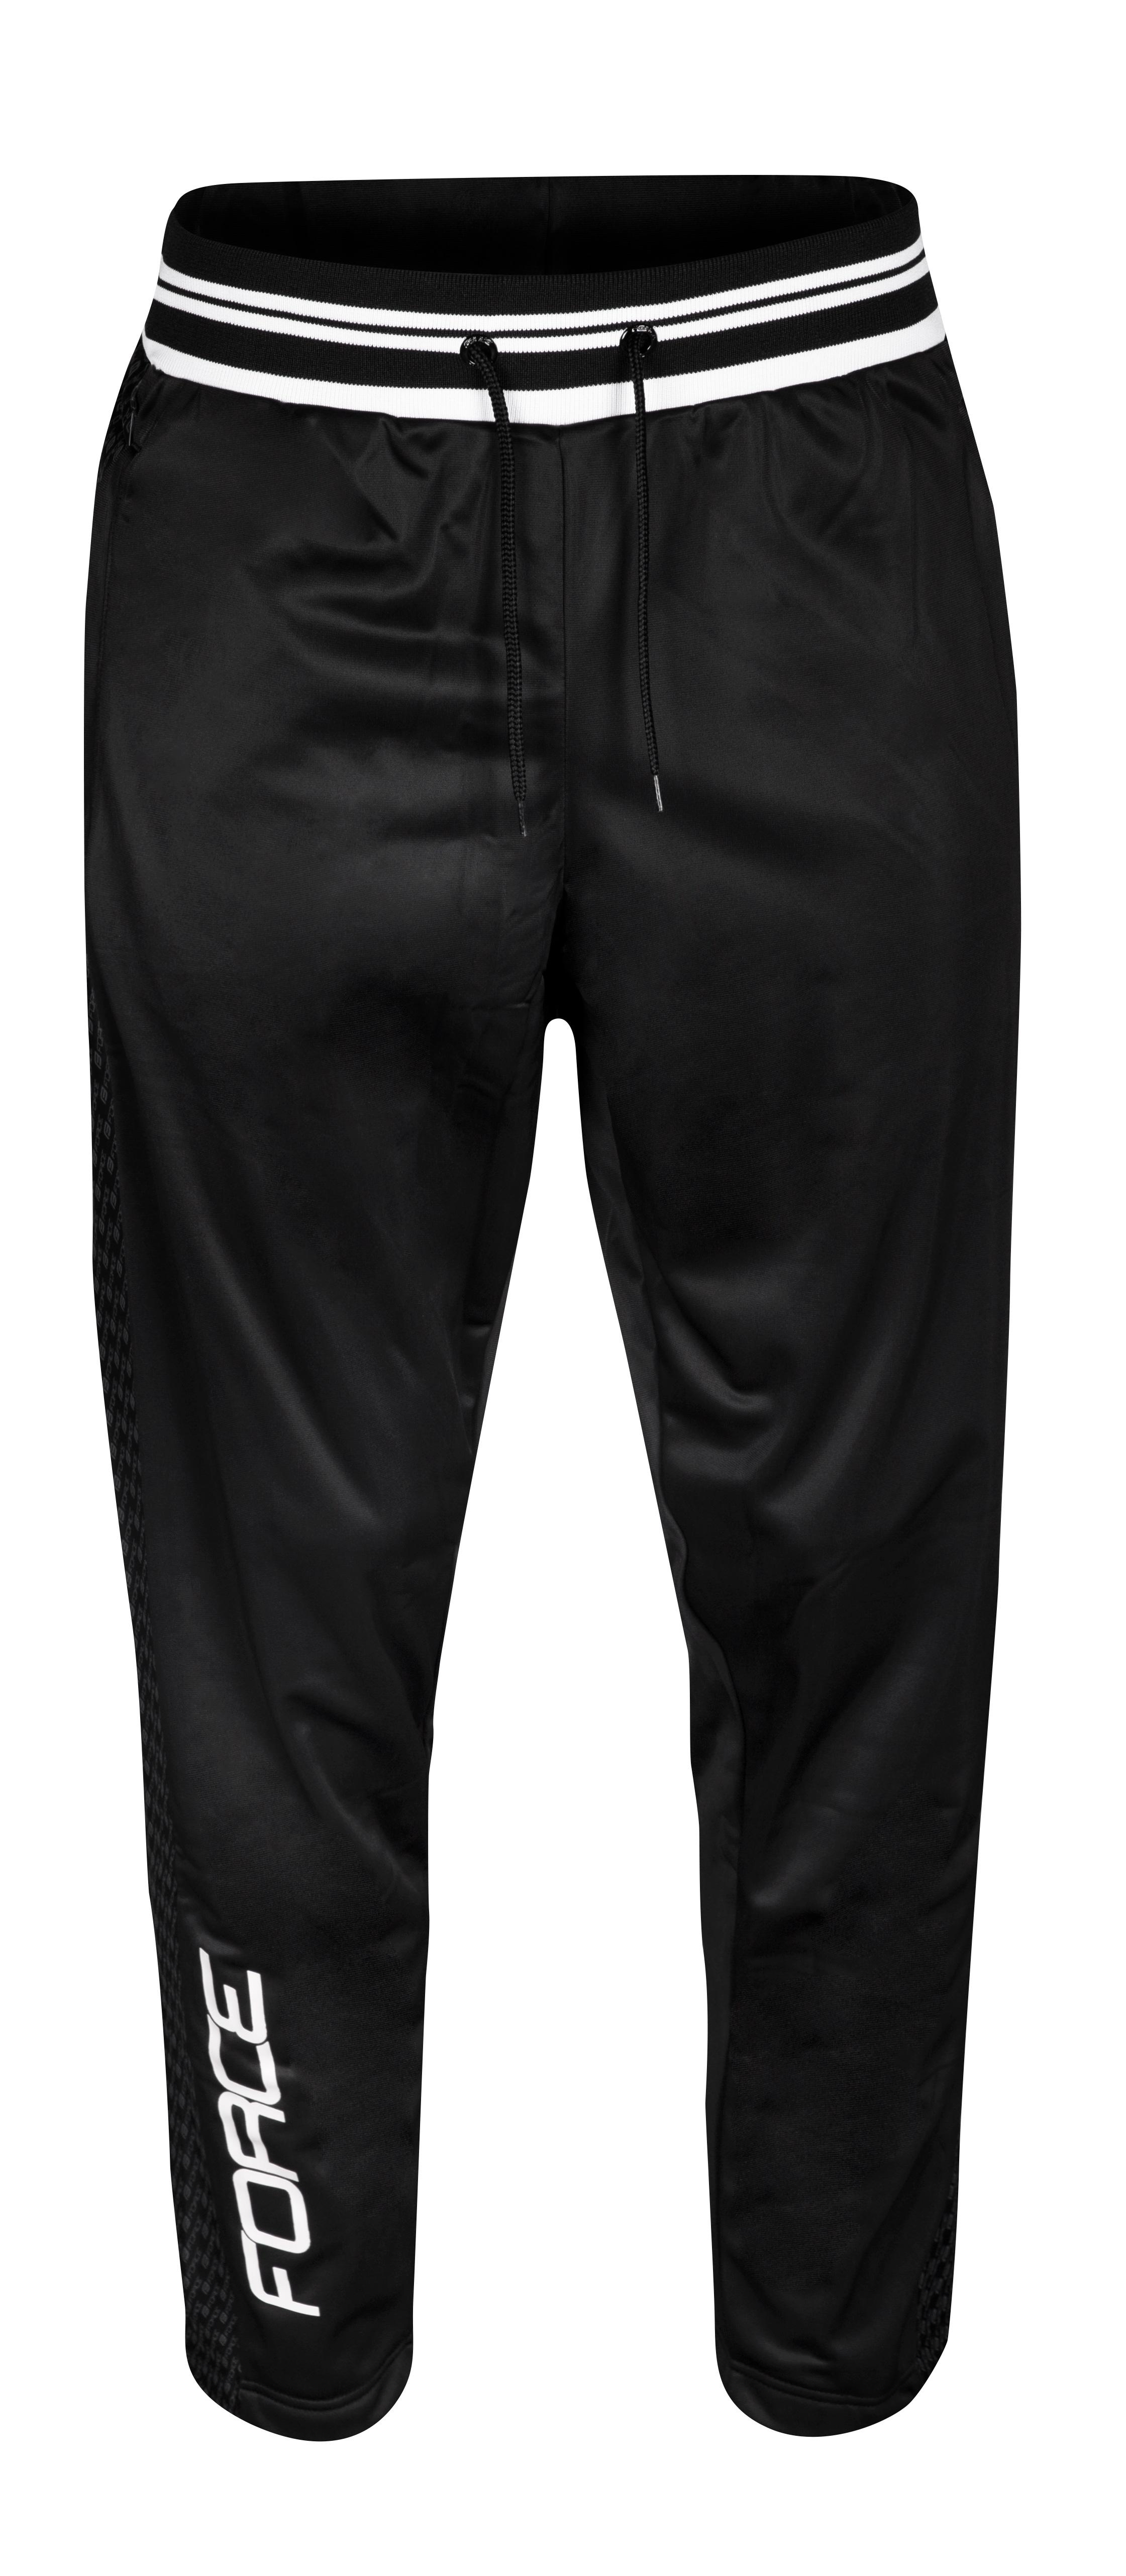 kalhoty/tepláky FORCE 1991, černé XXL